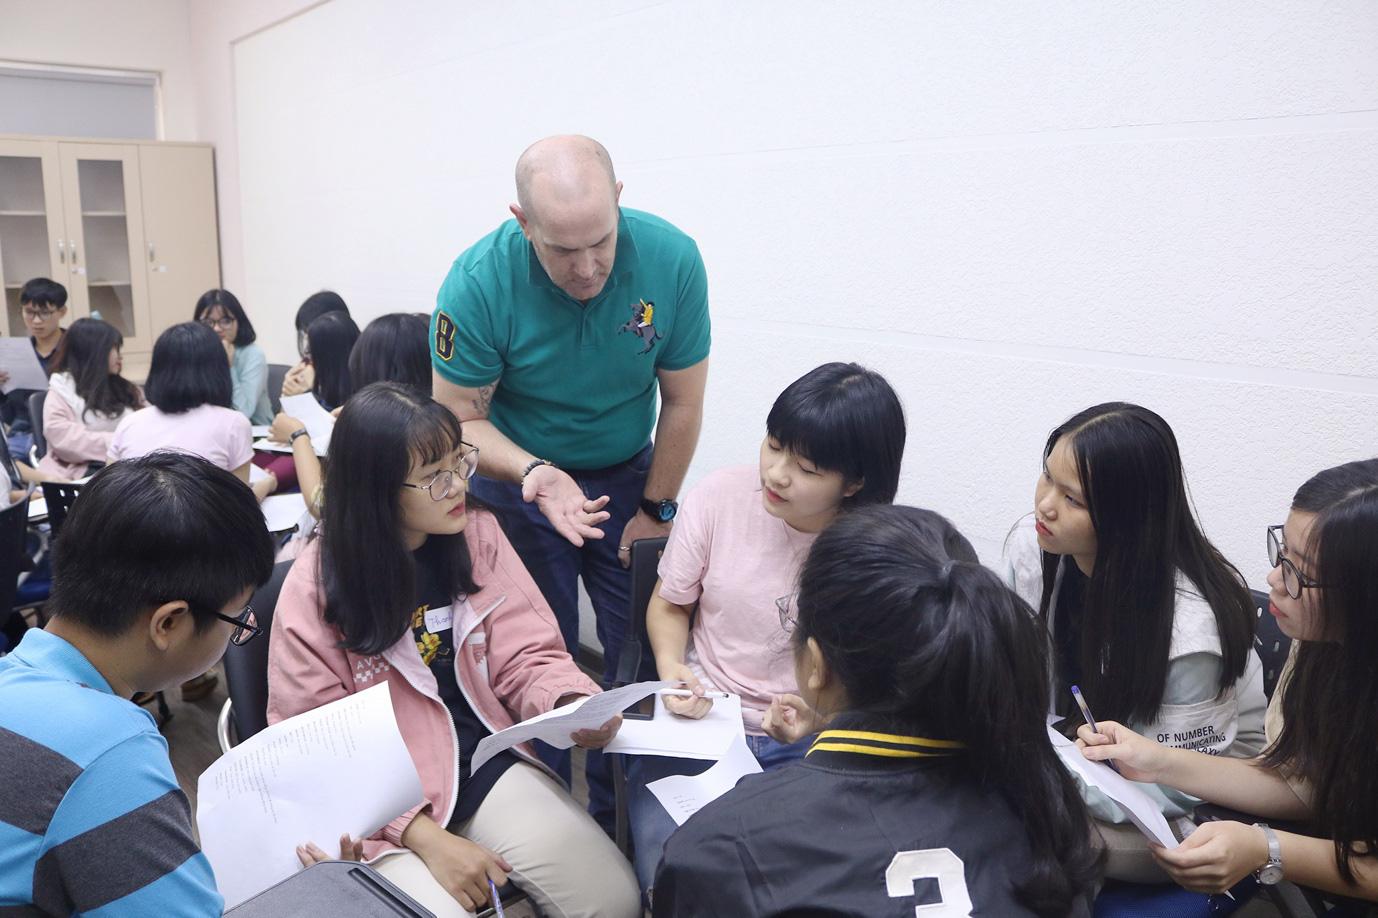 Thi thử IELTS miễn phí – Chớp ngay học bổng du học Mỹ toàn phần 100% cùng nhiều giải thưởng hấp dẫn - Ảnh 2.